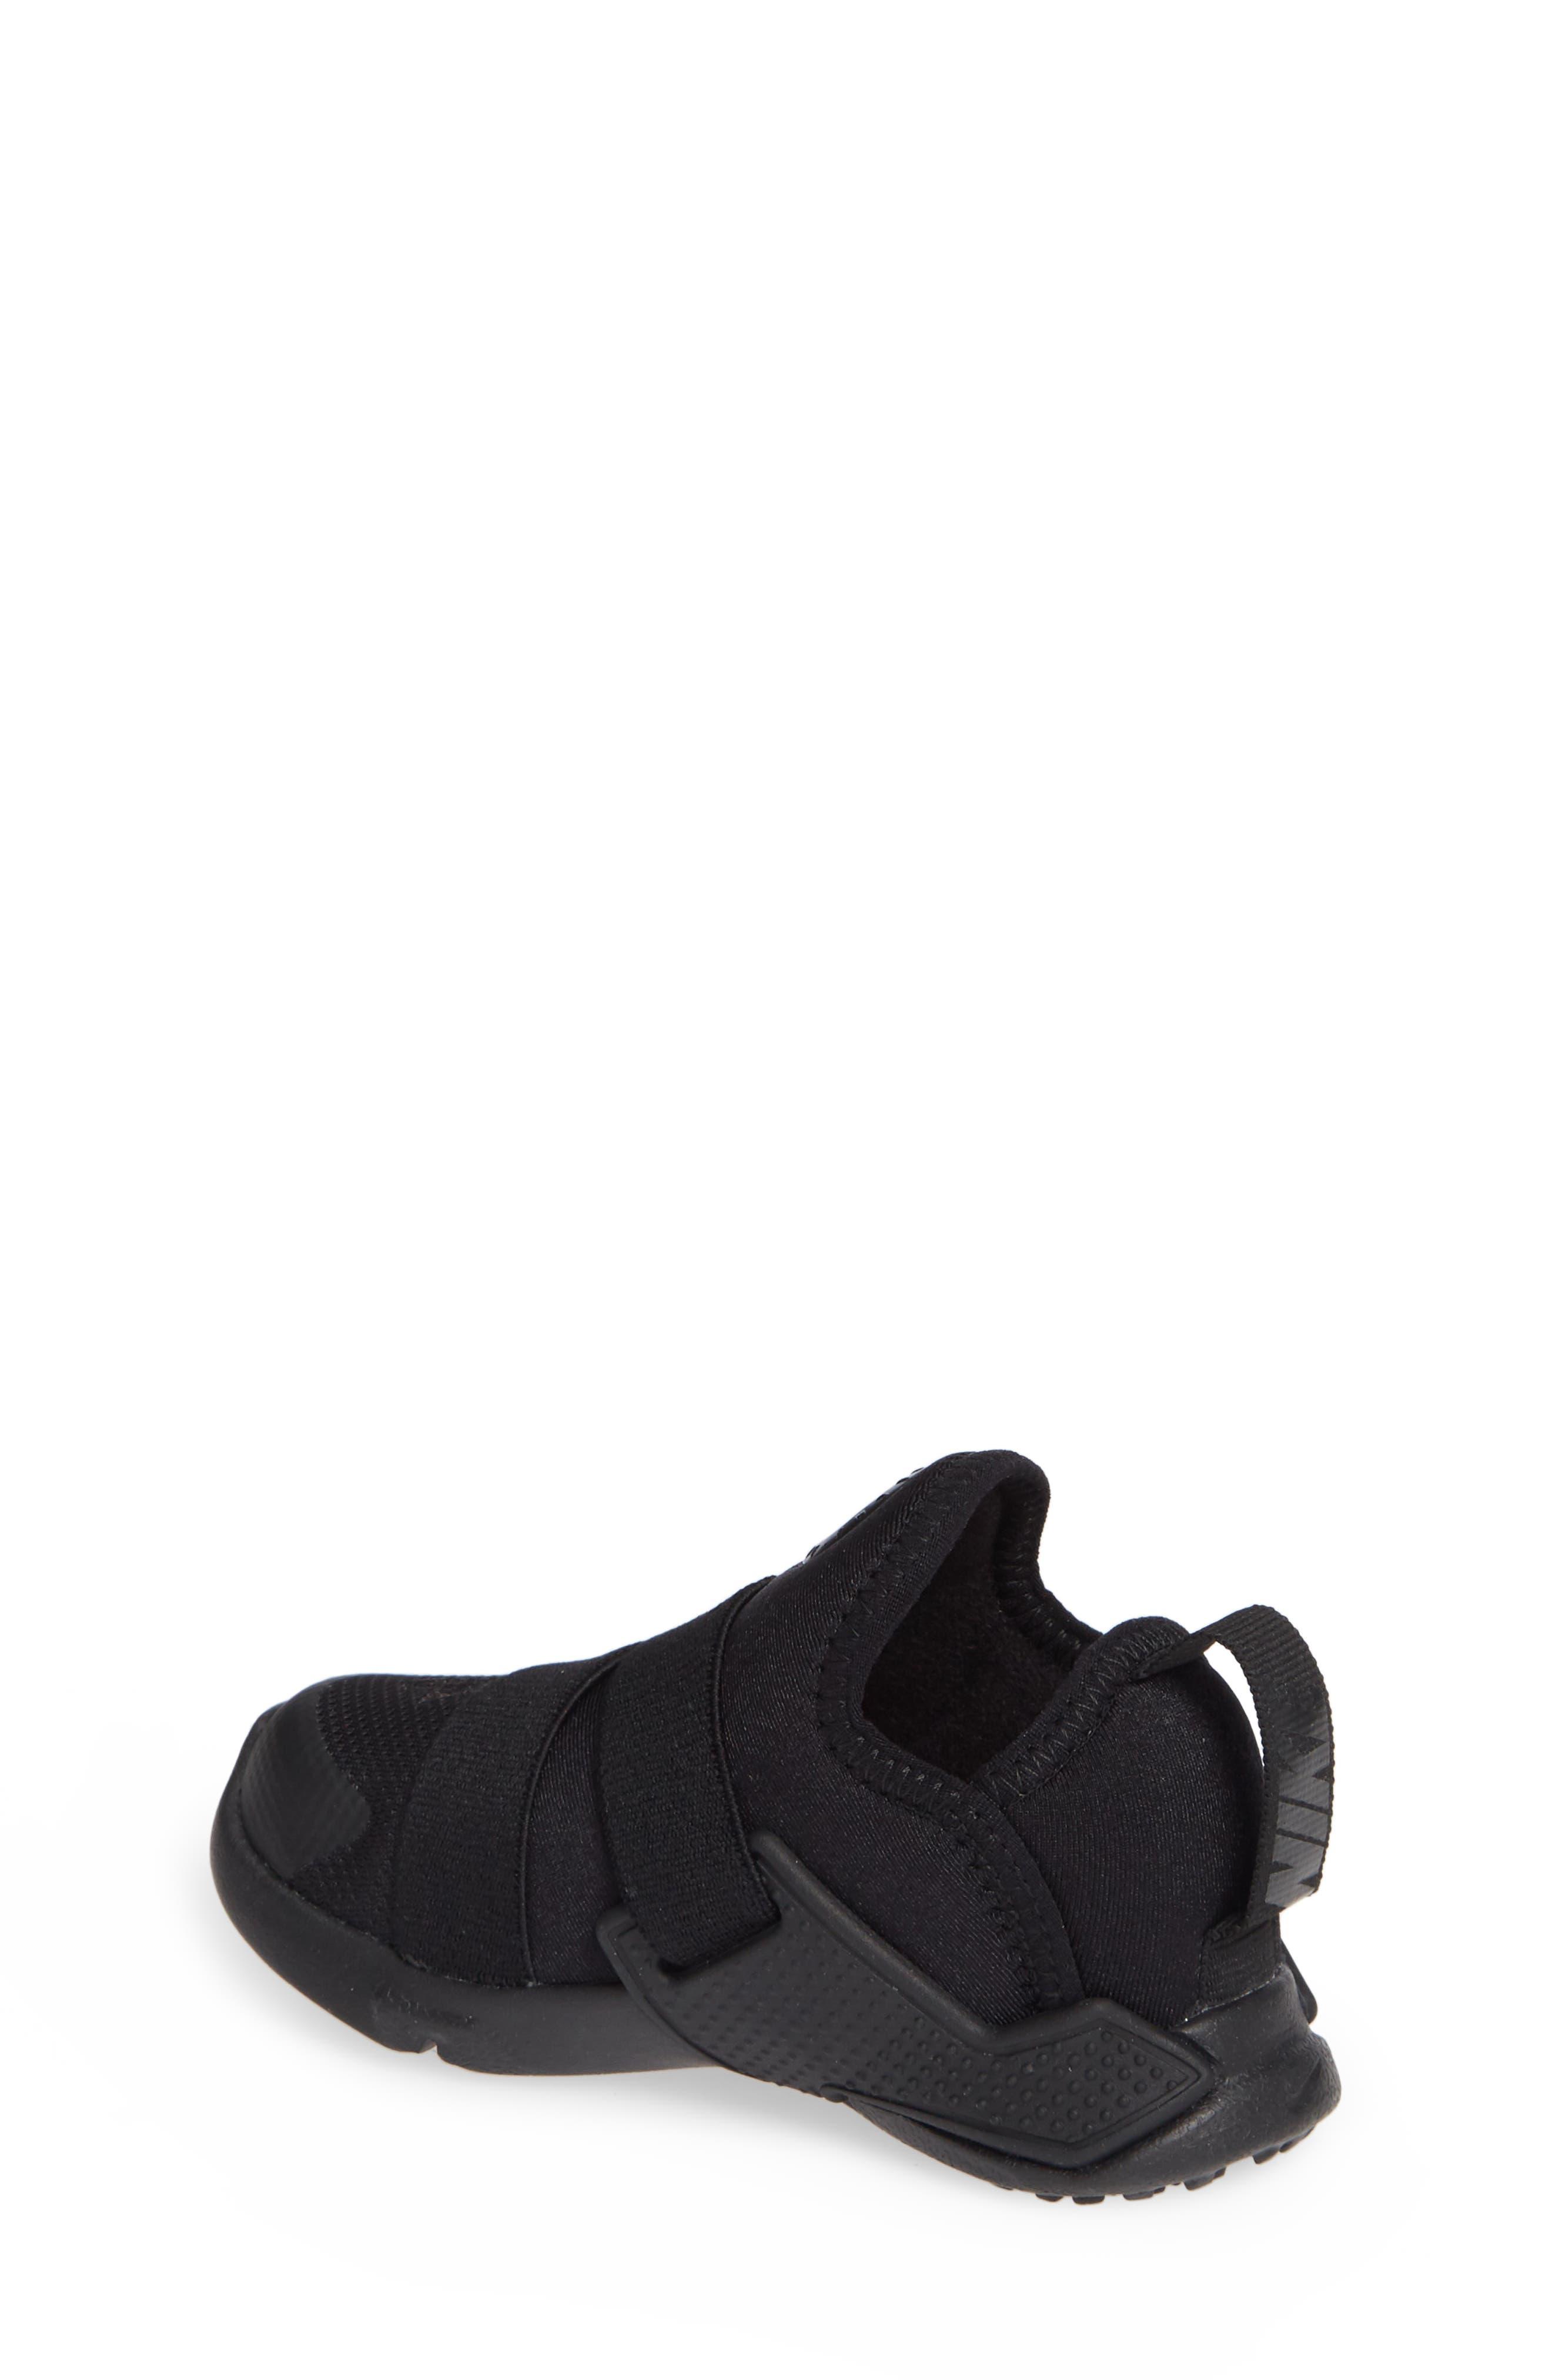 Huarache Extreme Sneaker,                             Alternate thumbnail 2, color,                             BLACK/ BLACK-BLACK